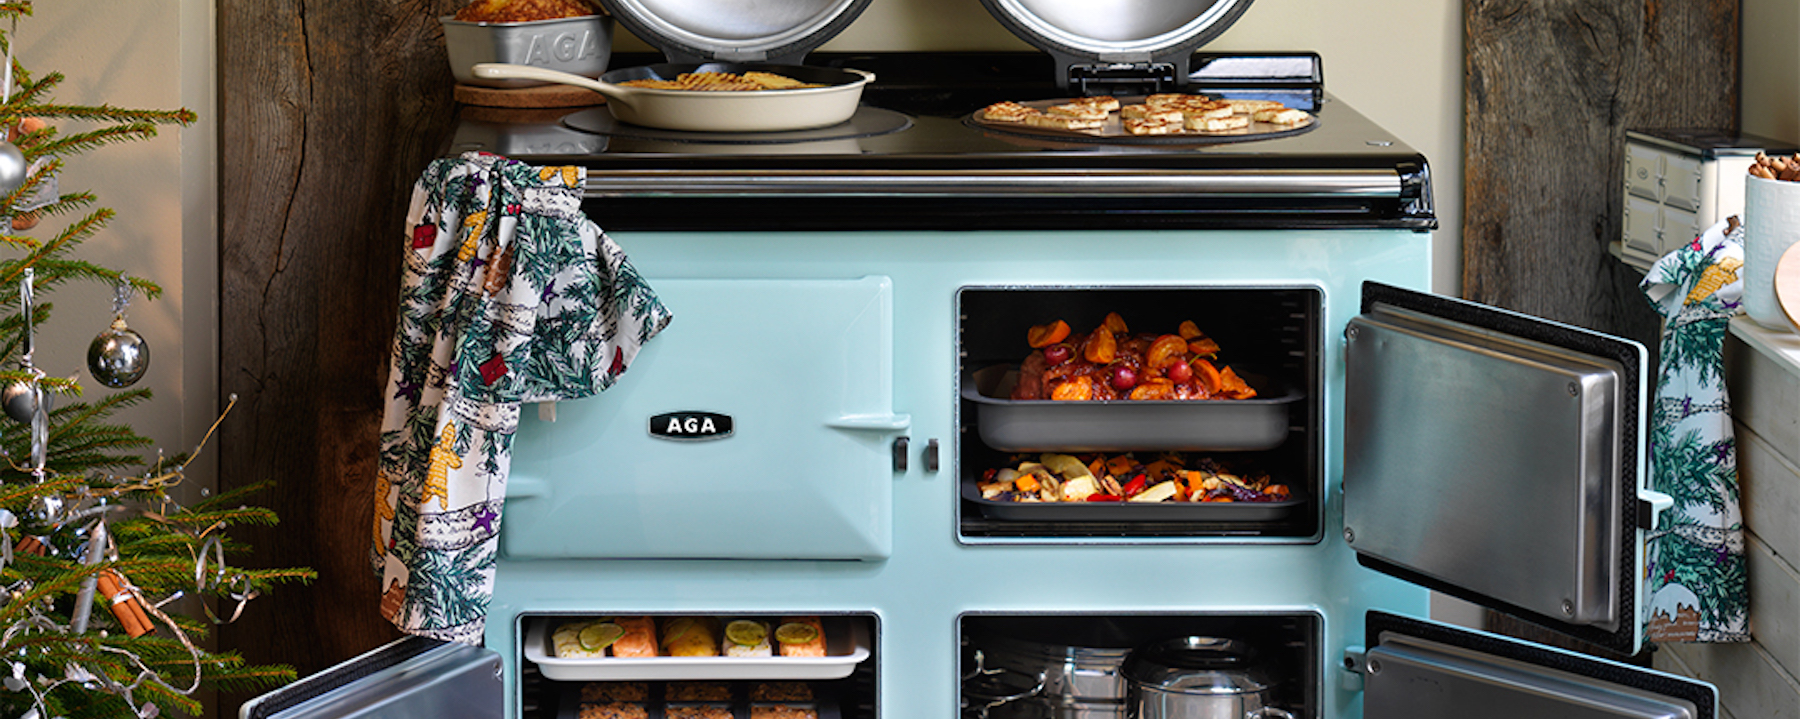 Aga Ranges Courtenay Appliances